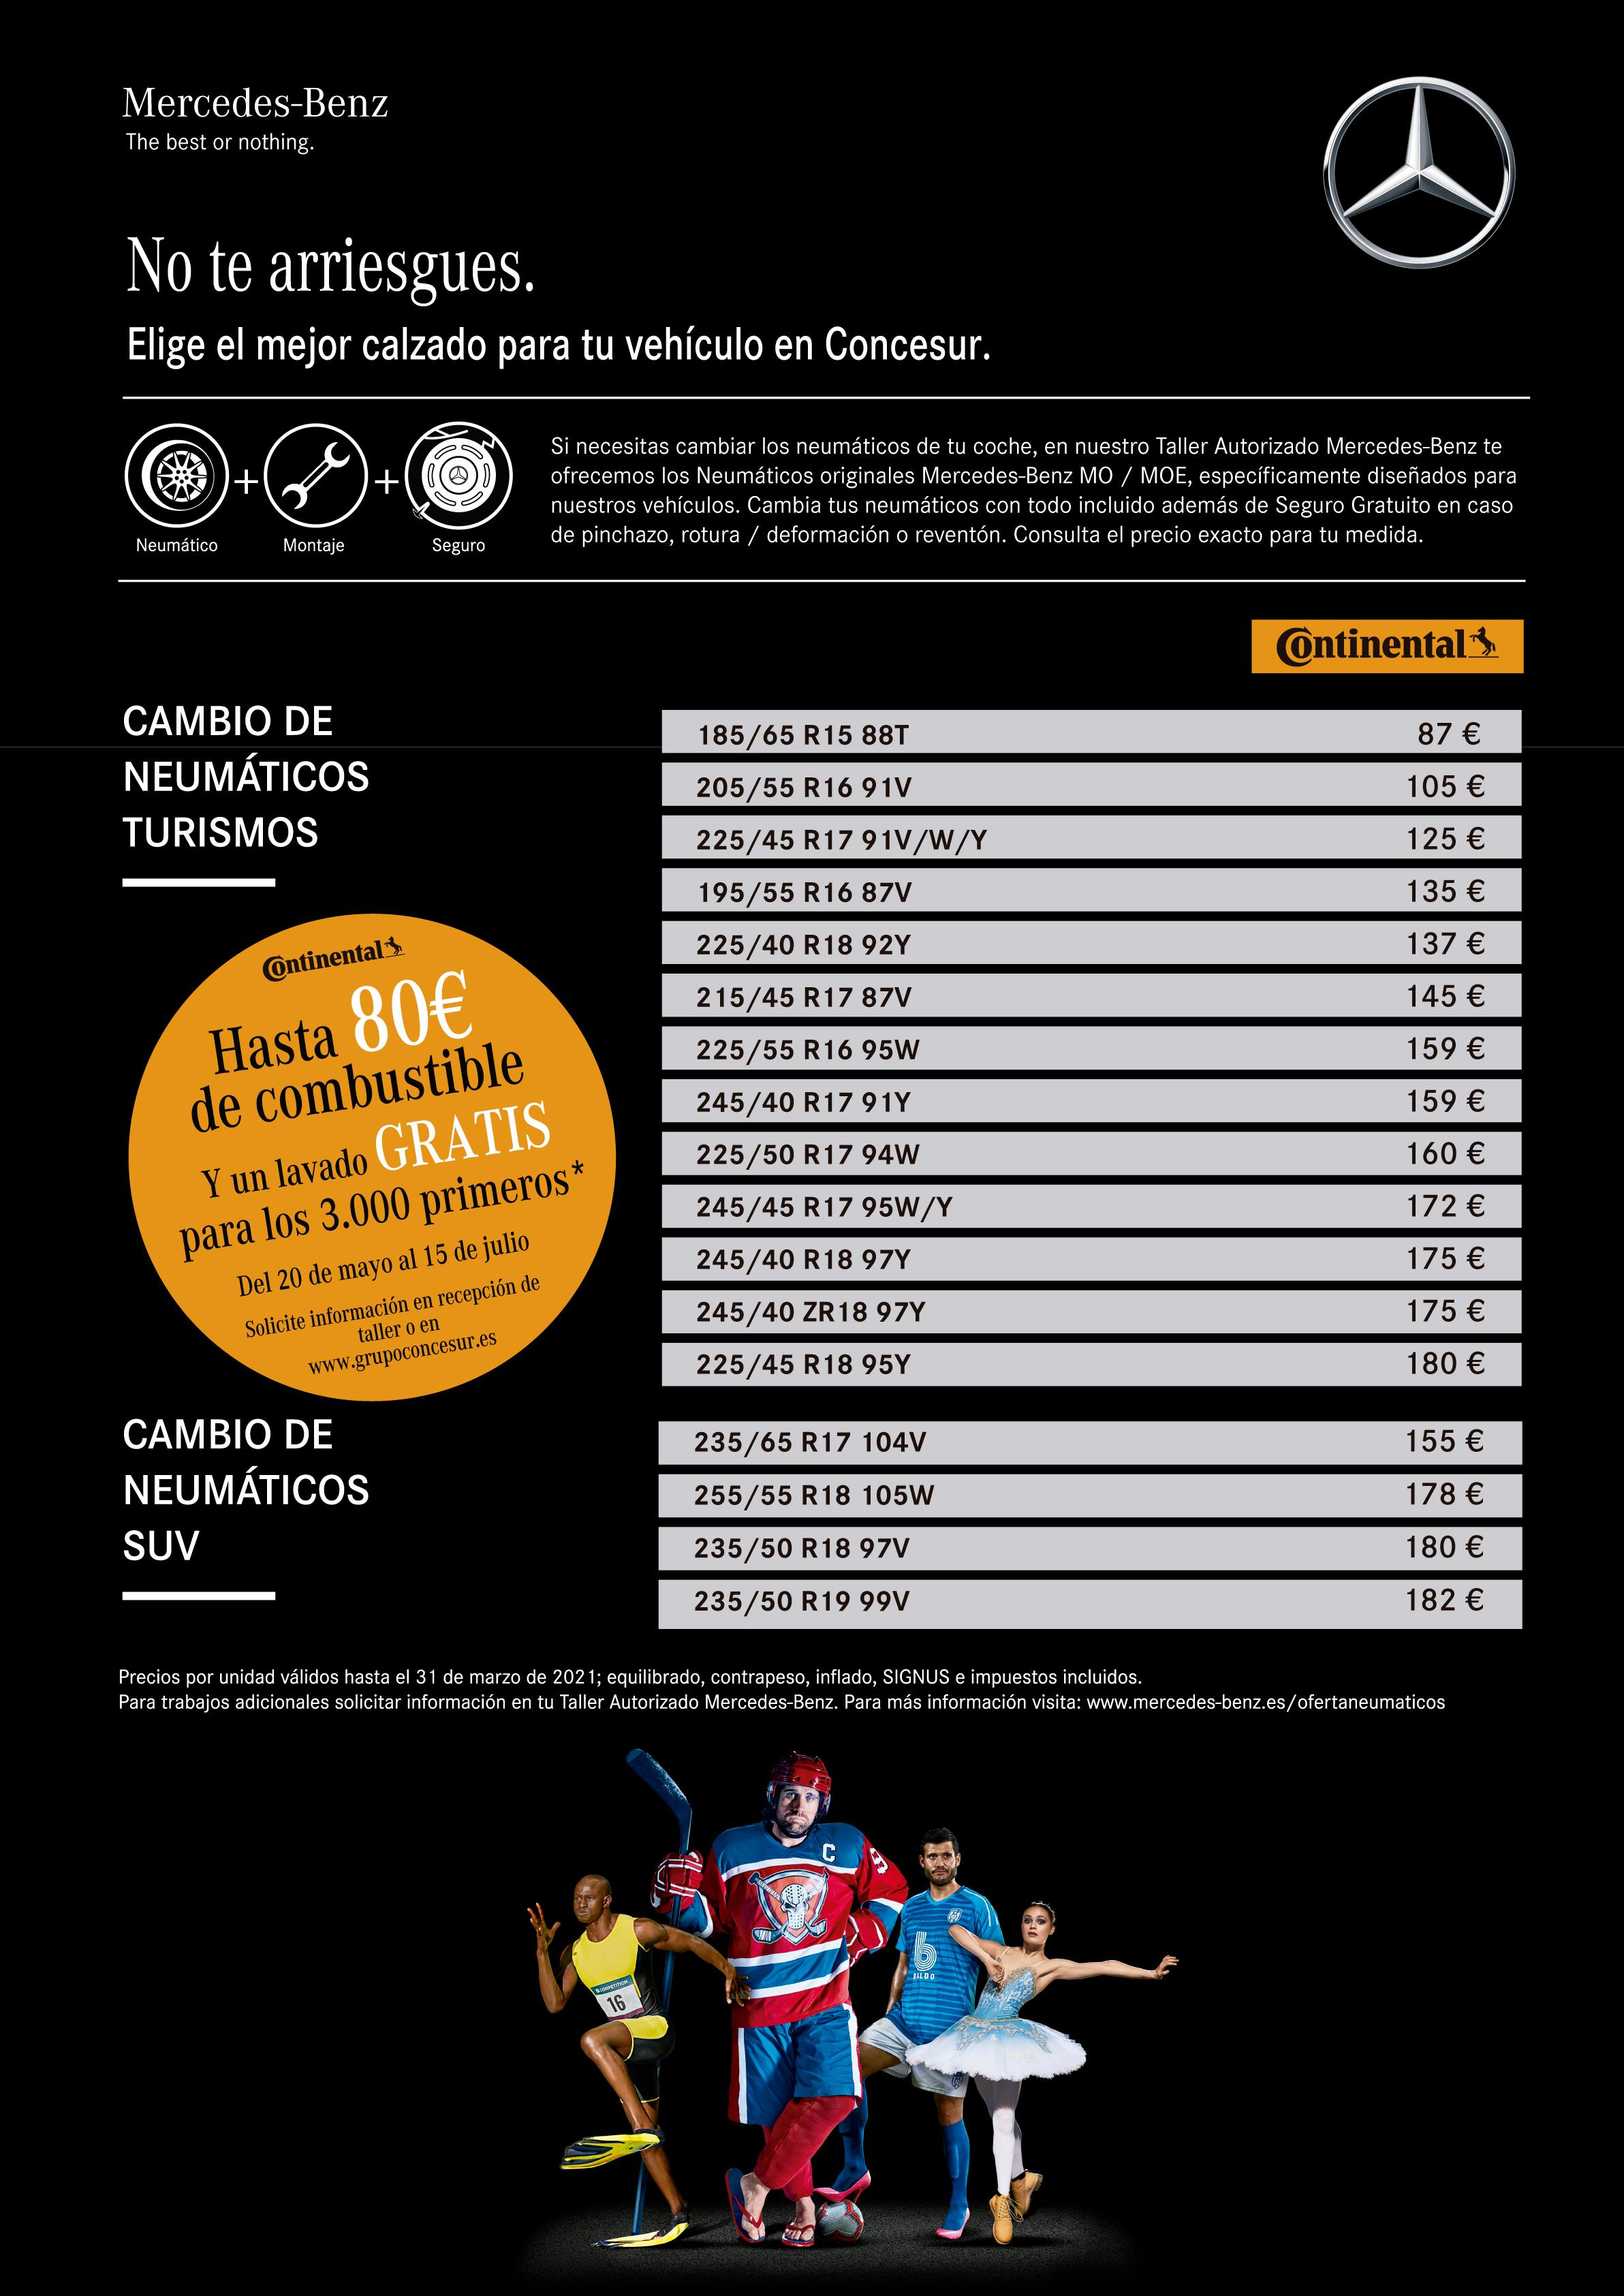 Promoción precios neumáticos Continental Concesur Mercedes-Benz Sevilla